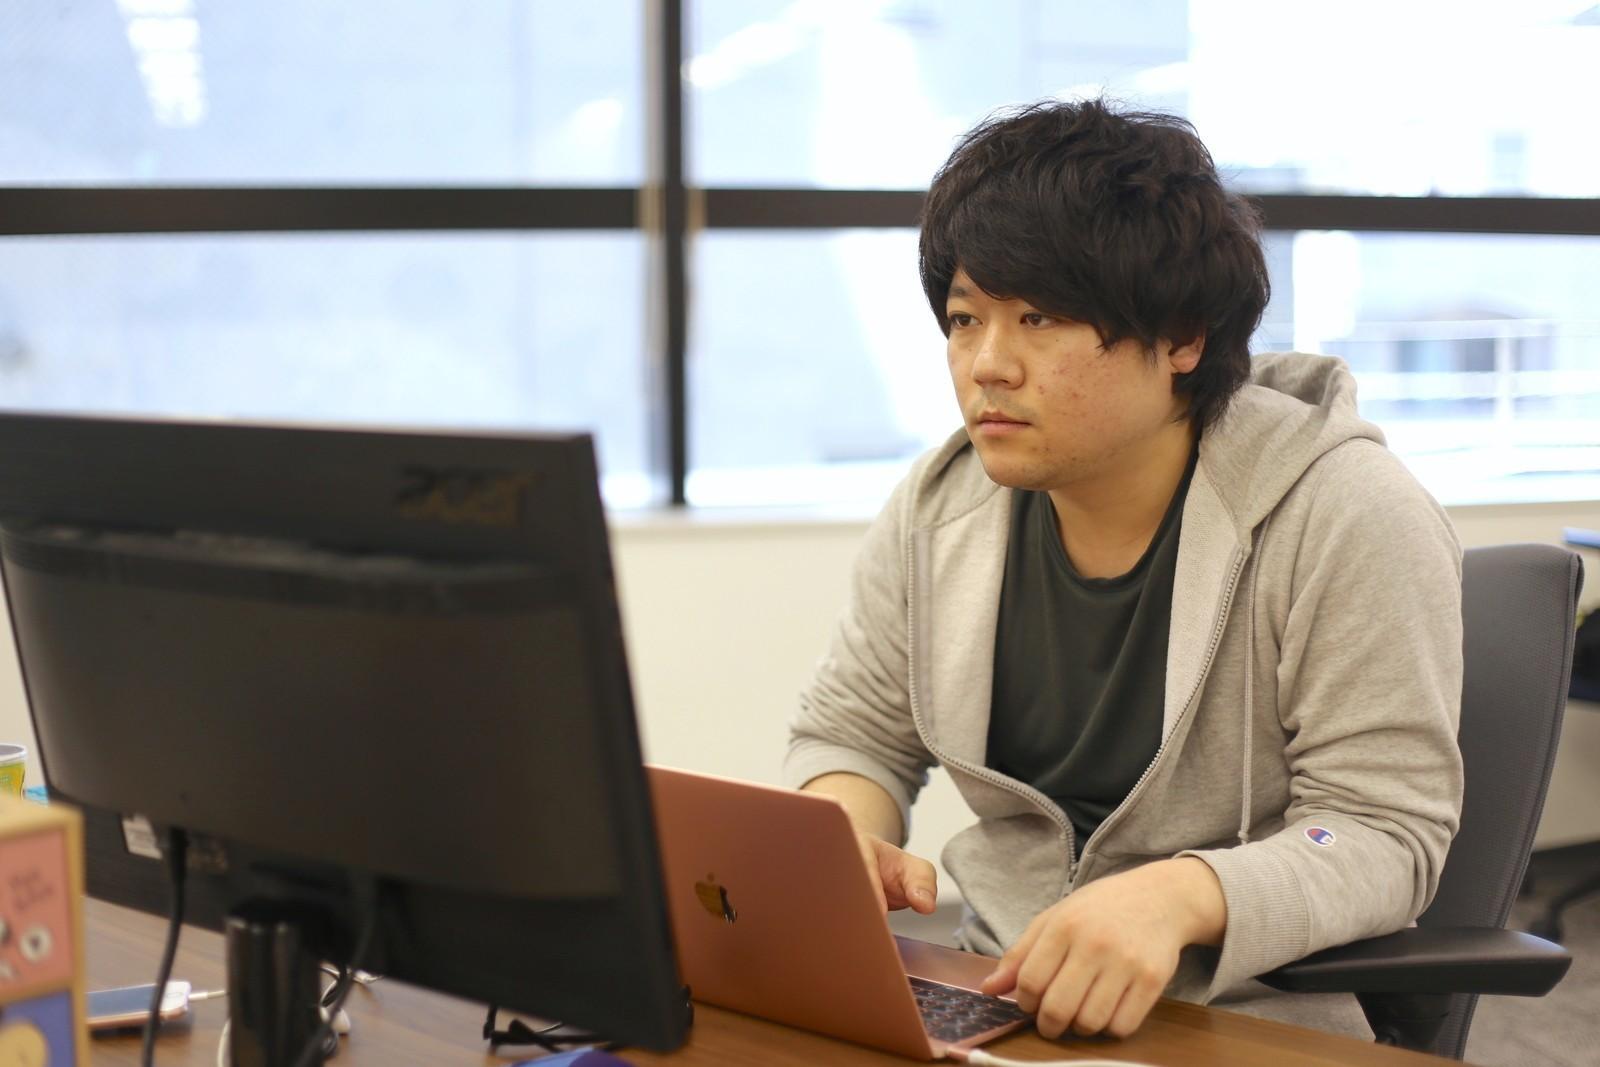 支援総額50億を突破! 日本最大のクラウドファンディングサイト「Readyfor」の新システム設計責任者募集